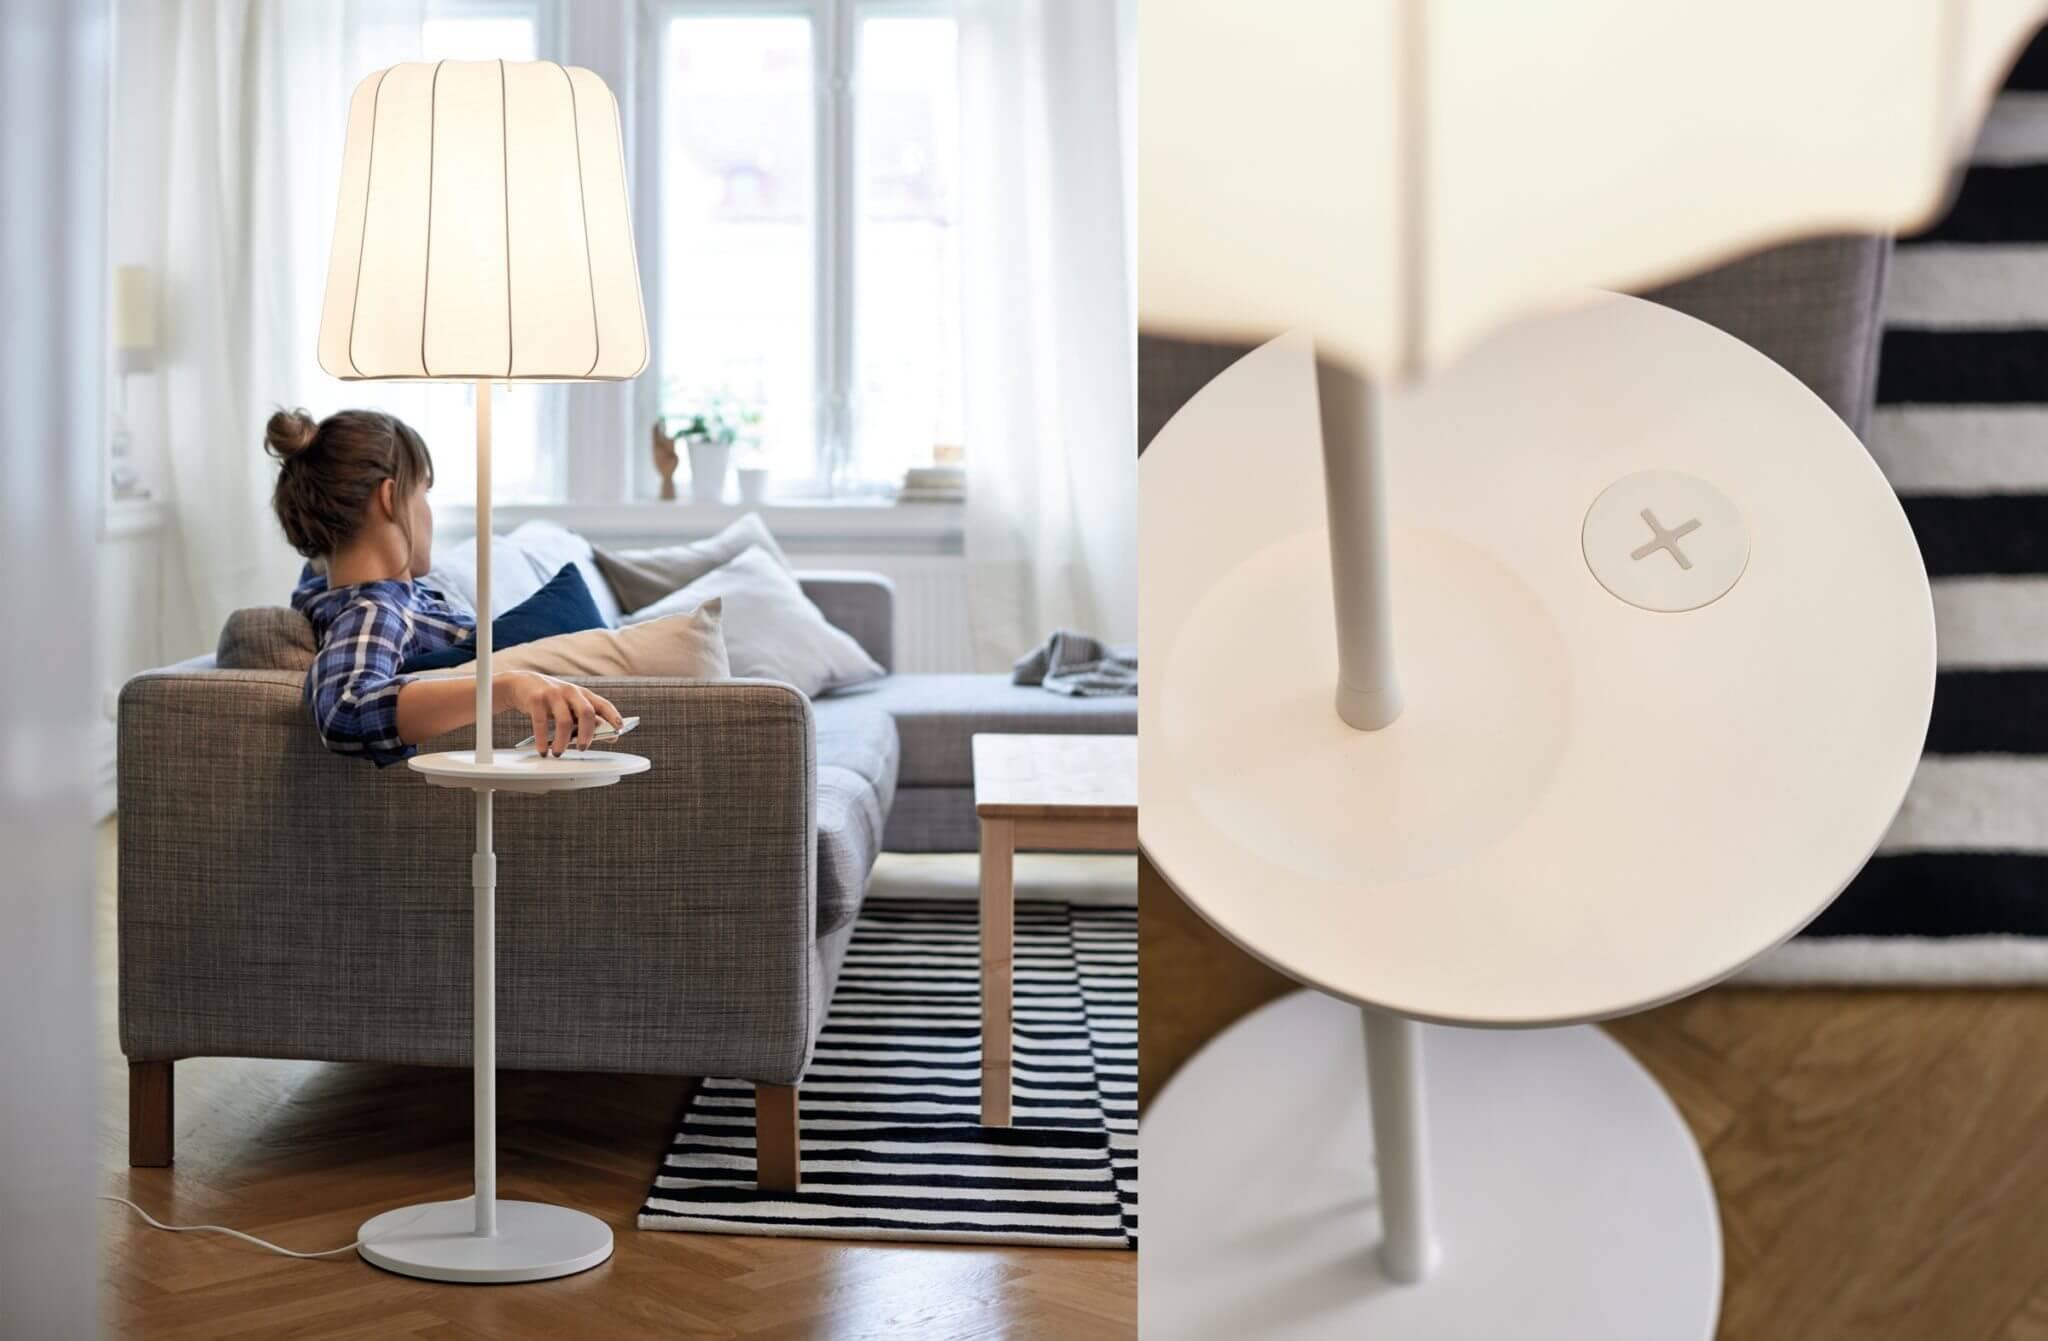 Full Size of Ikea Bogenlampe Stehlampe Anleitung Papier Steh Bogenlampen Kaufen Regolit Hack Betten Bei Küche Kosten Modulküche Sofa Mit Schlaffunktion Esstisch Wohnzimmer Ikea Bogenlampe